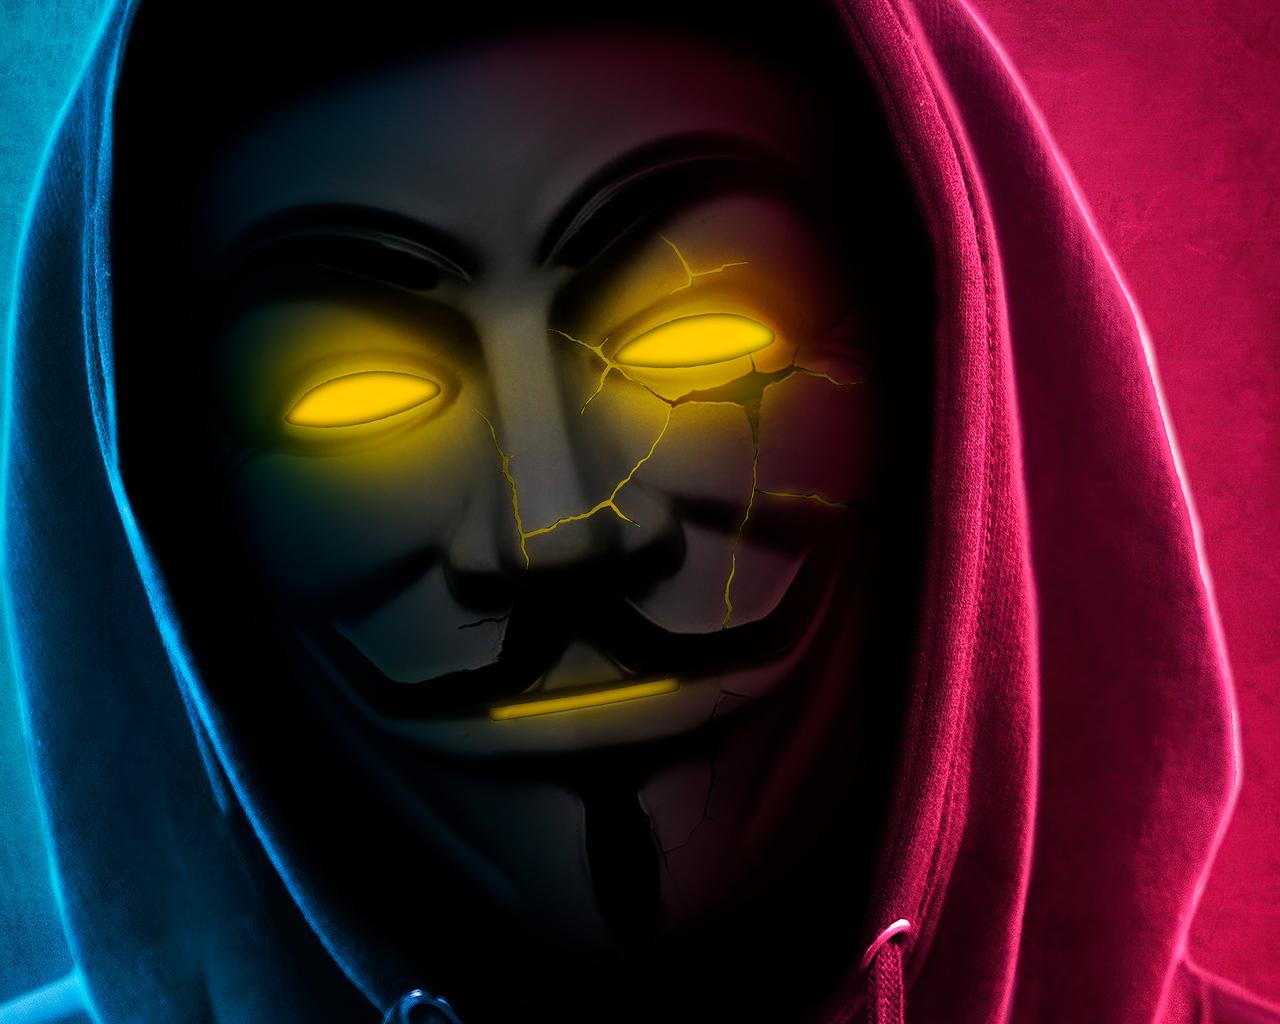 golden-anonymus-boy-5k-ct.jpg